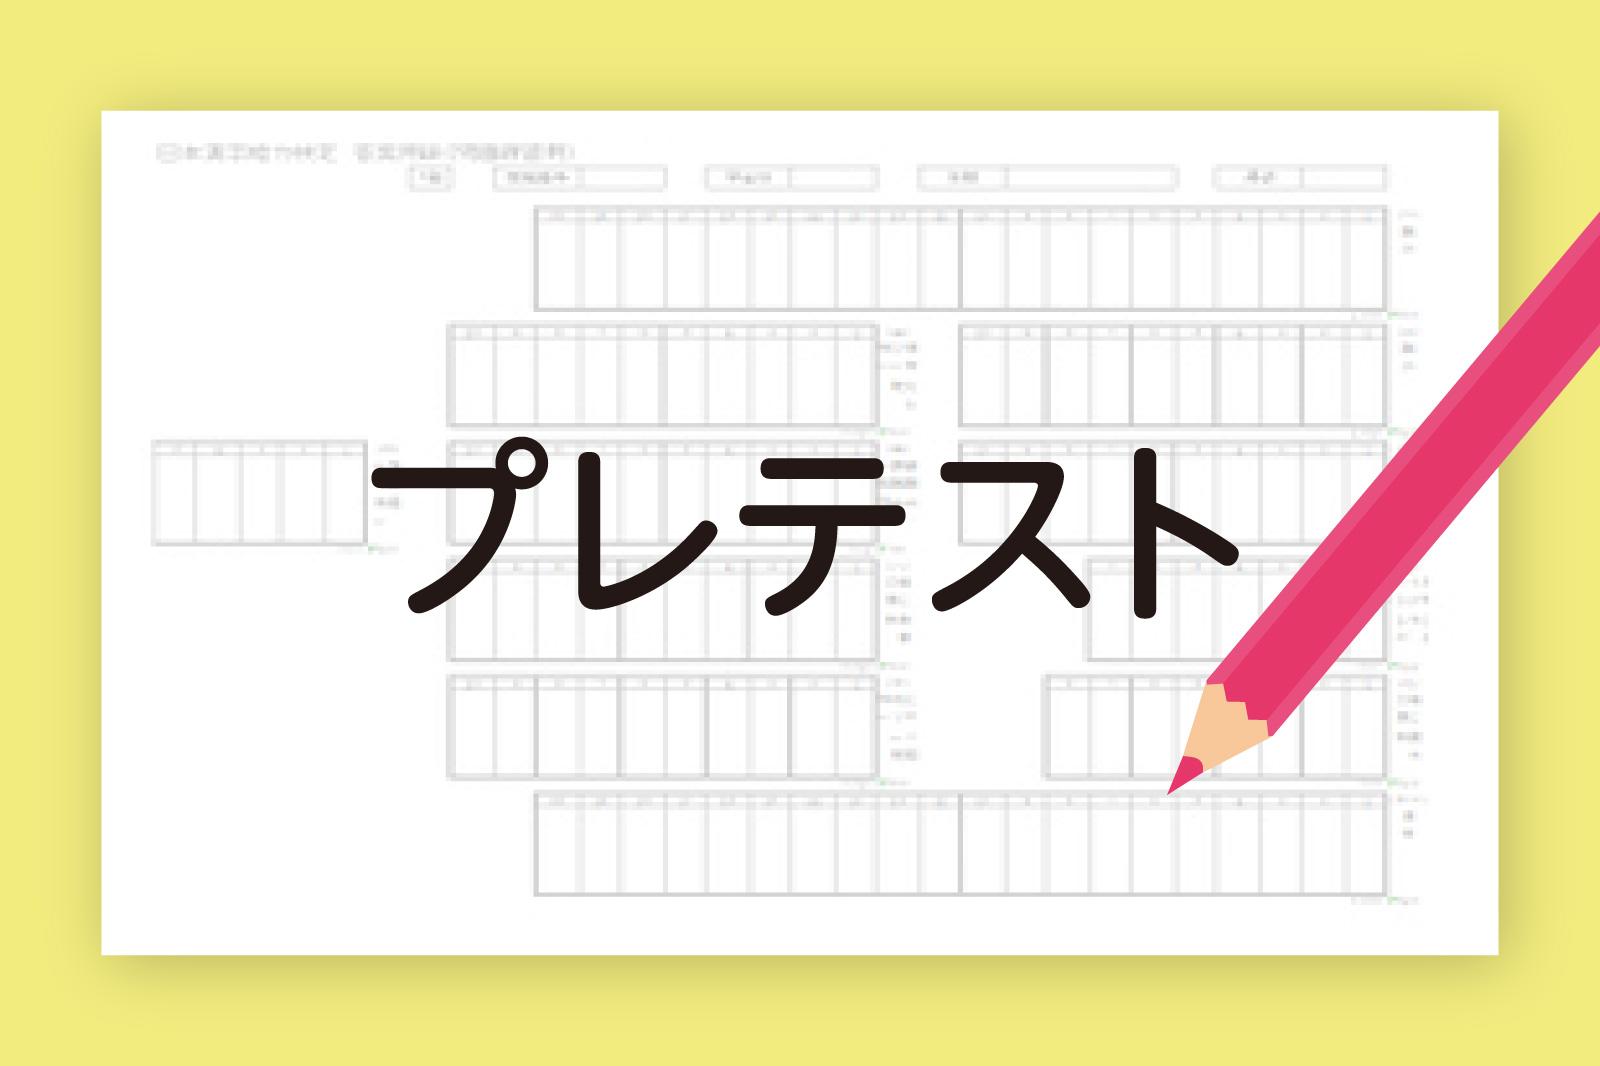 中学入試プレテスト・・・近畿大学附属中学校 10/16